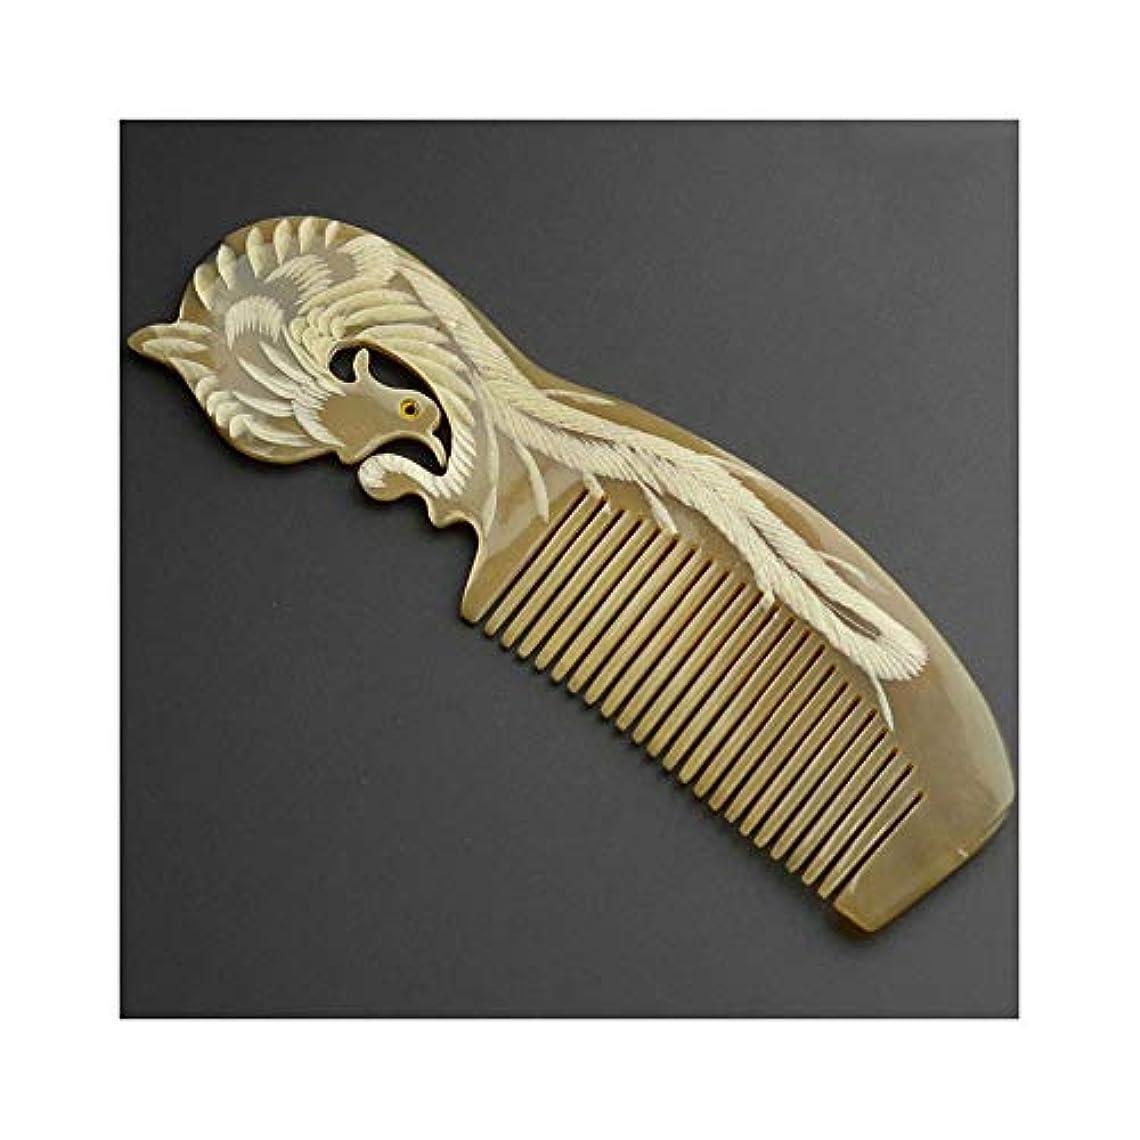 スクリーチ雨香水WASAIO 木製のくしカーリーストレートヘアブラシブラシ手作り抗静的ナチュラルサンダルウッド両面彫刻マッサージワイド歯の髪 (色 : Photo color)